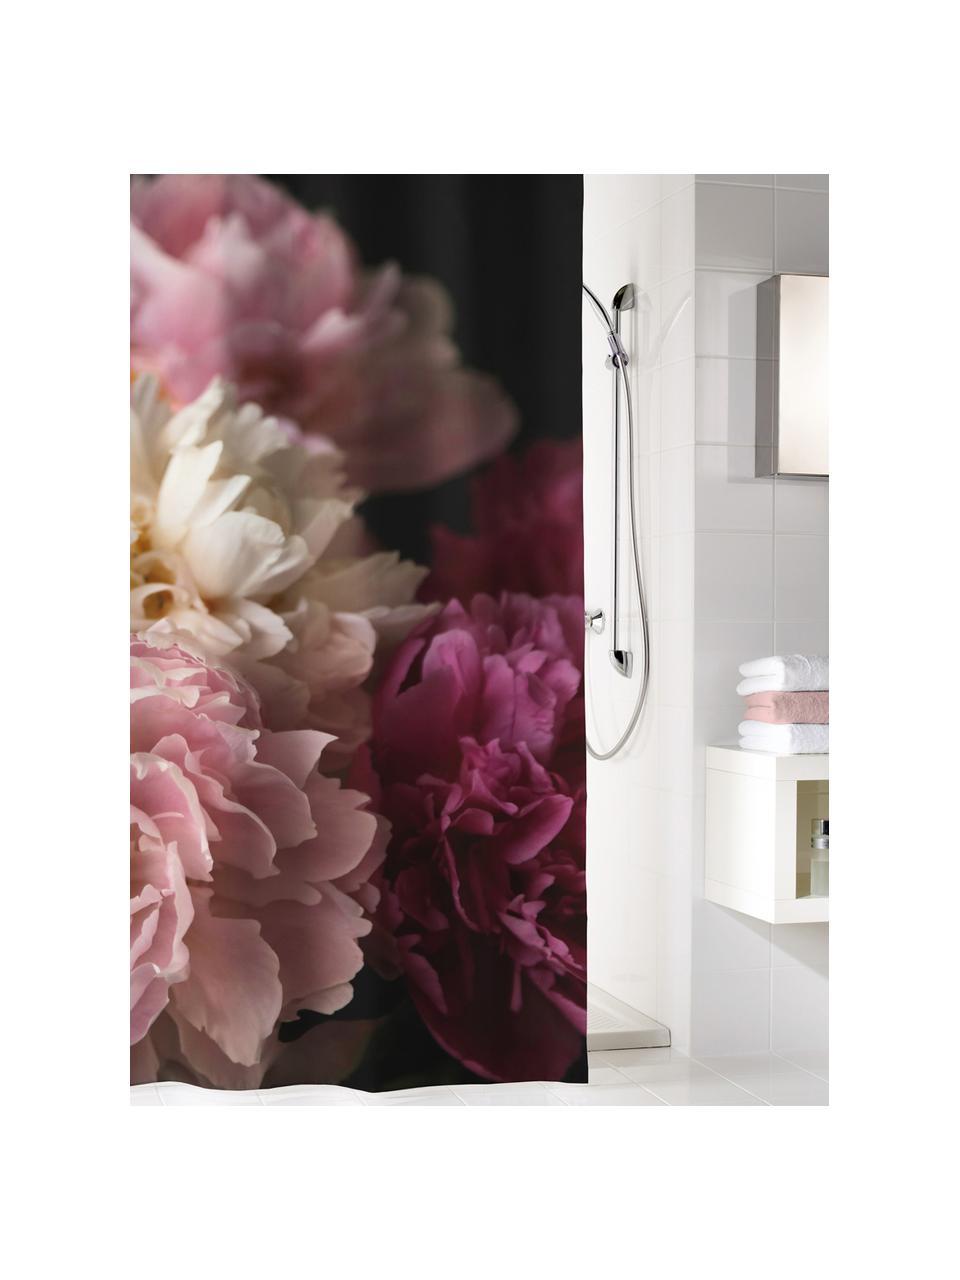 Rideau de douche à imprimé floral Rosemarie, Noir, tons roses